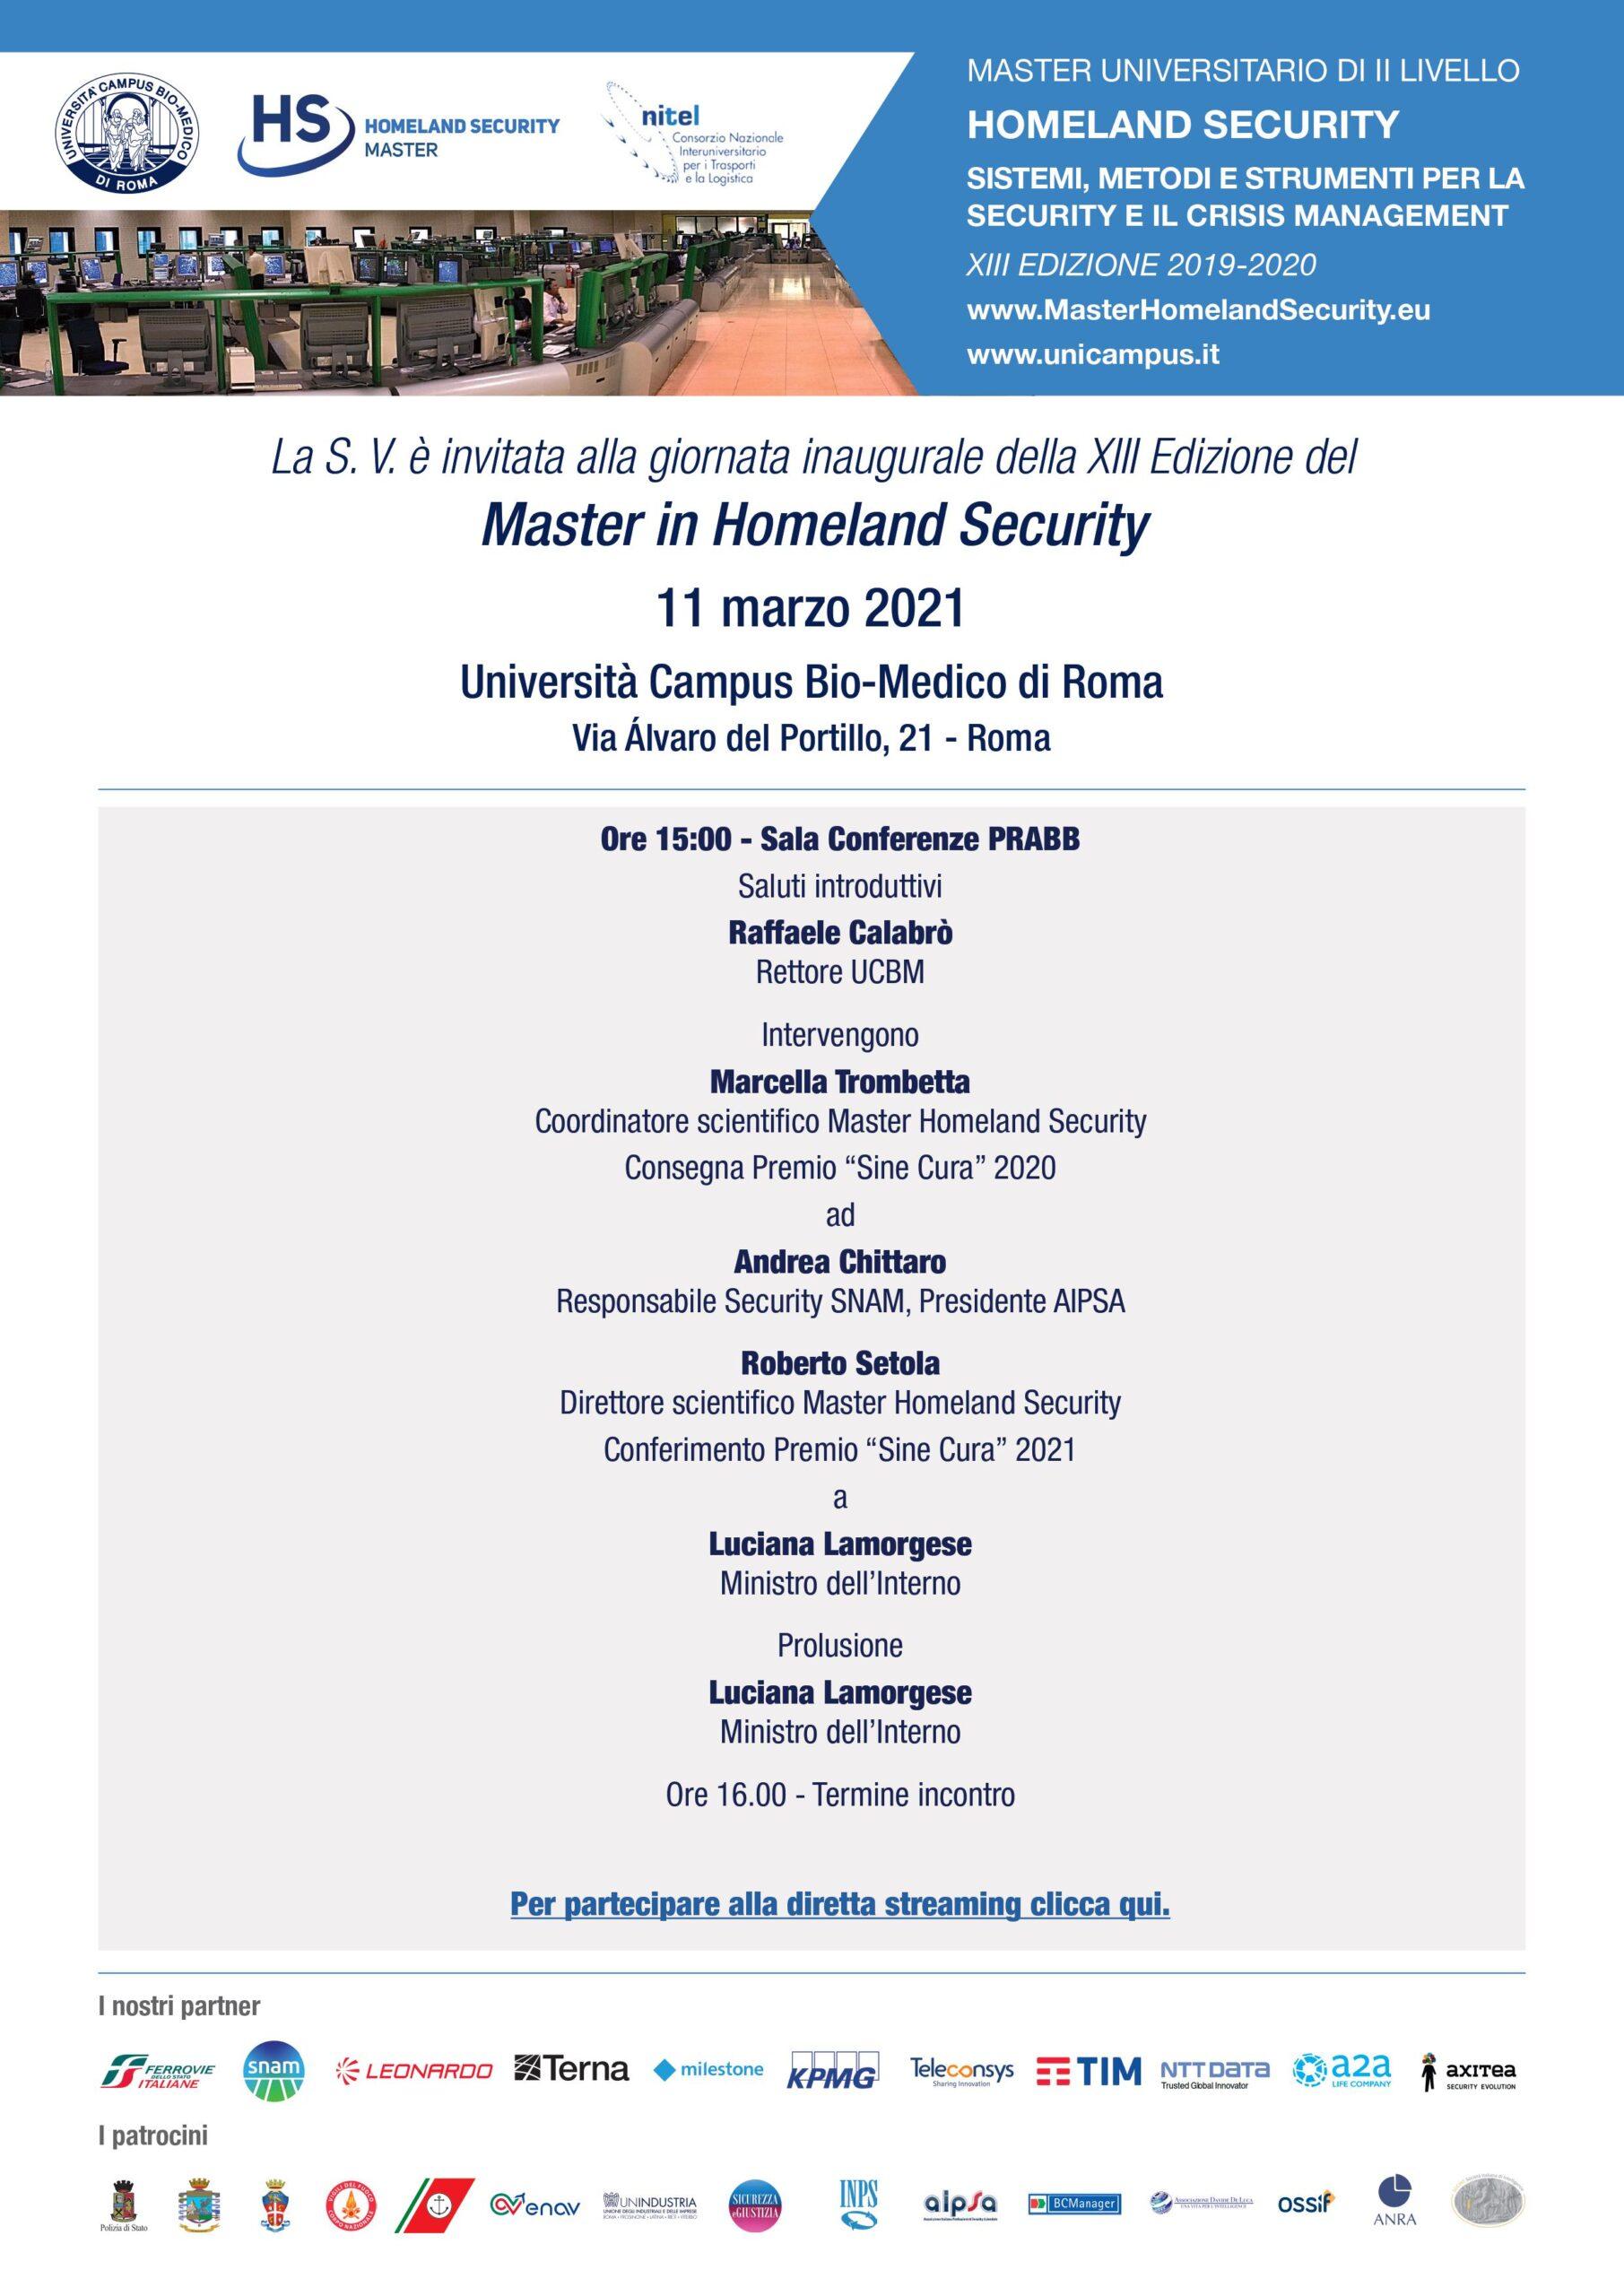 Giornata inaugurale Master in Homeland Security XIII, Università Campus Bio-Medico di Roma